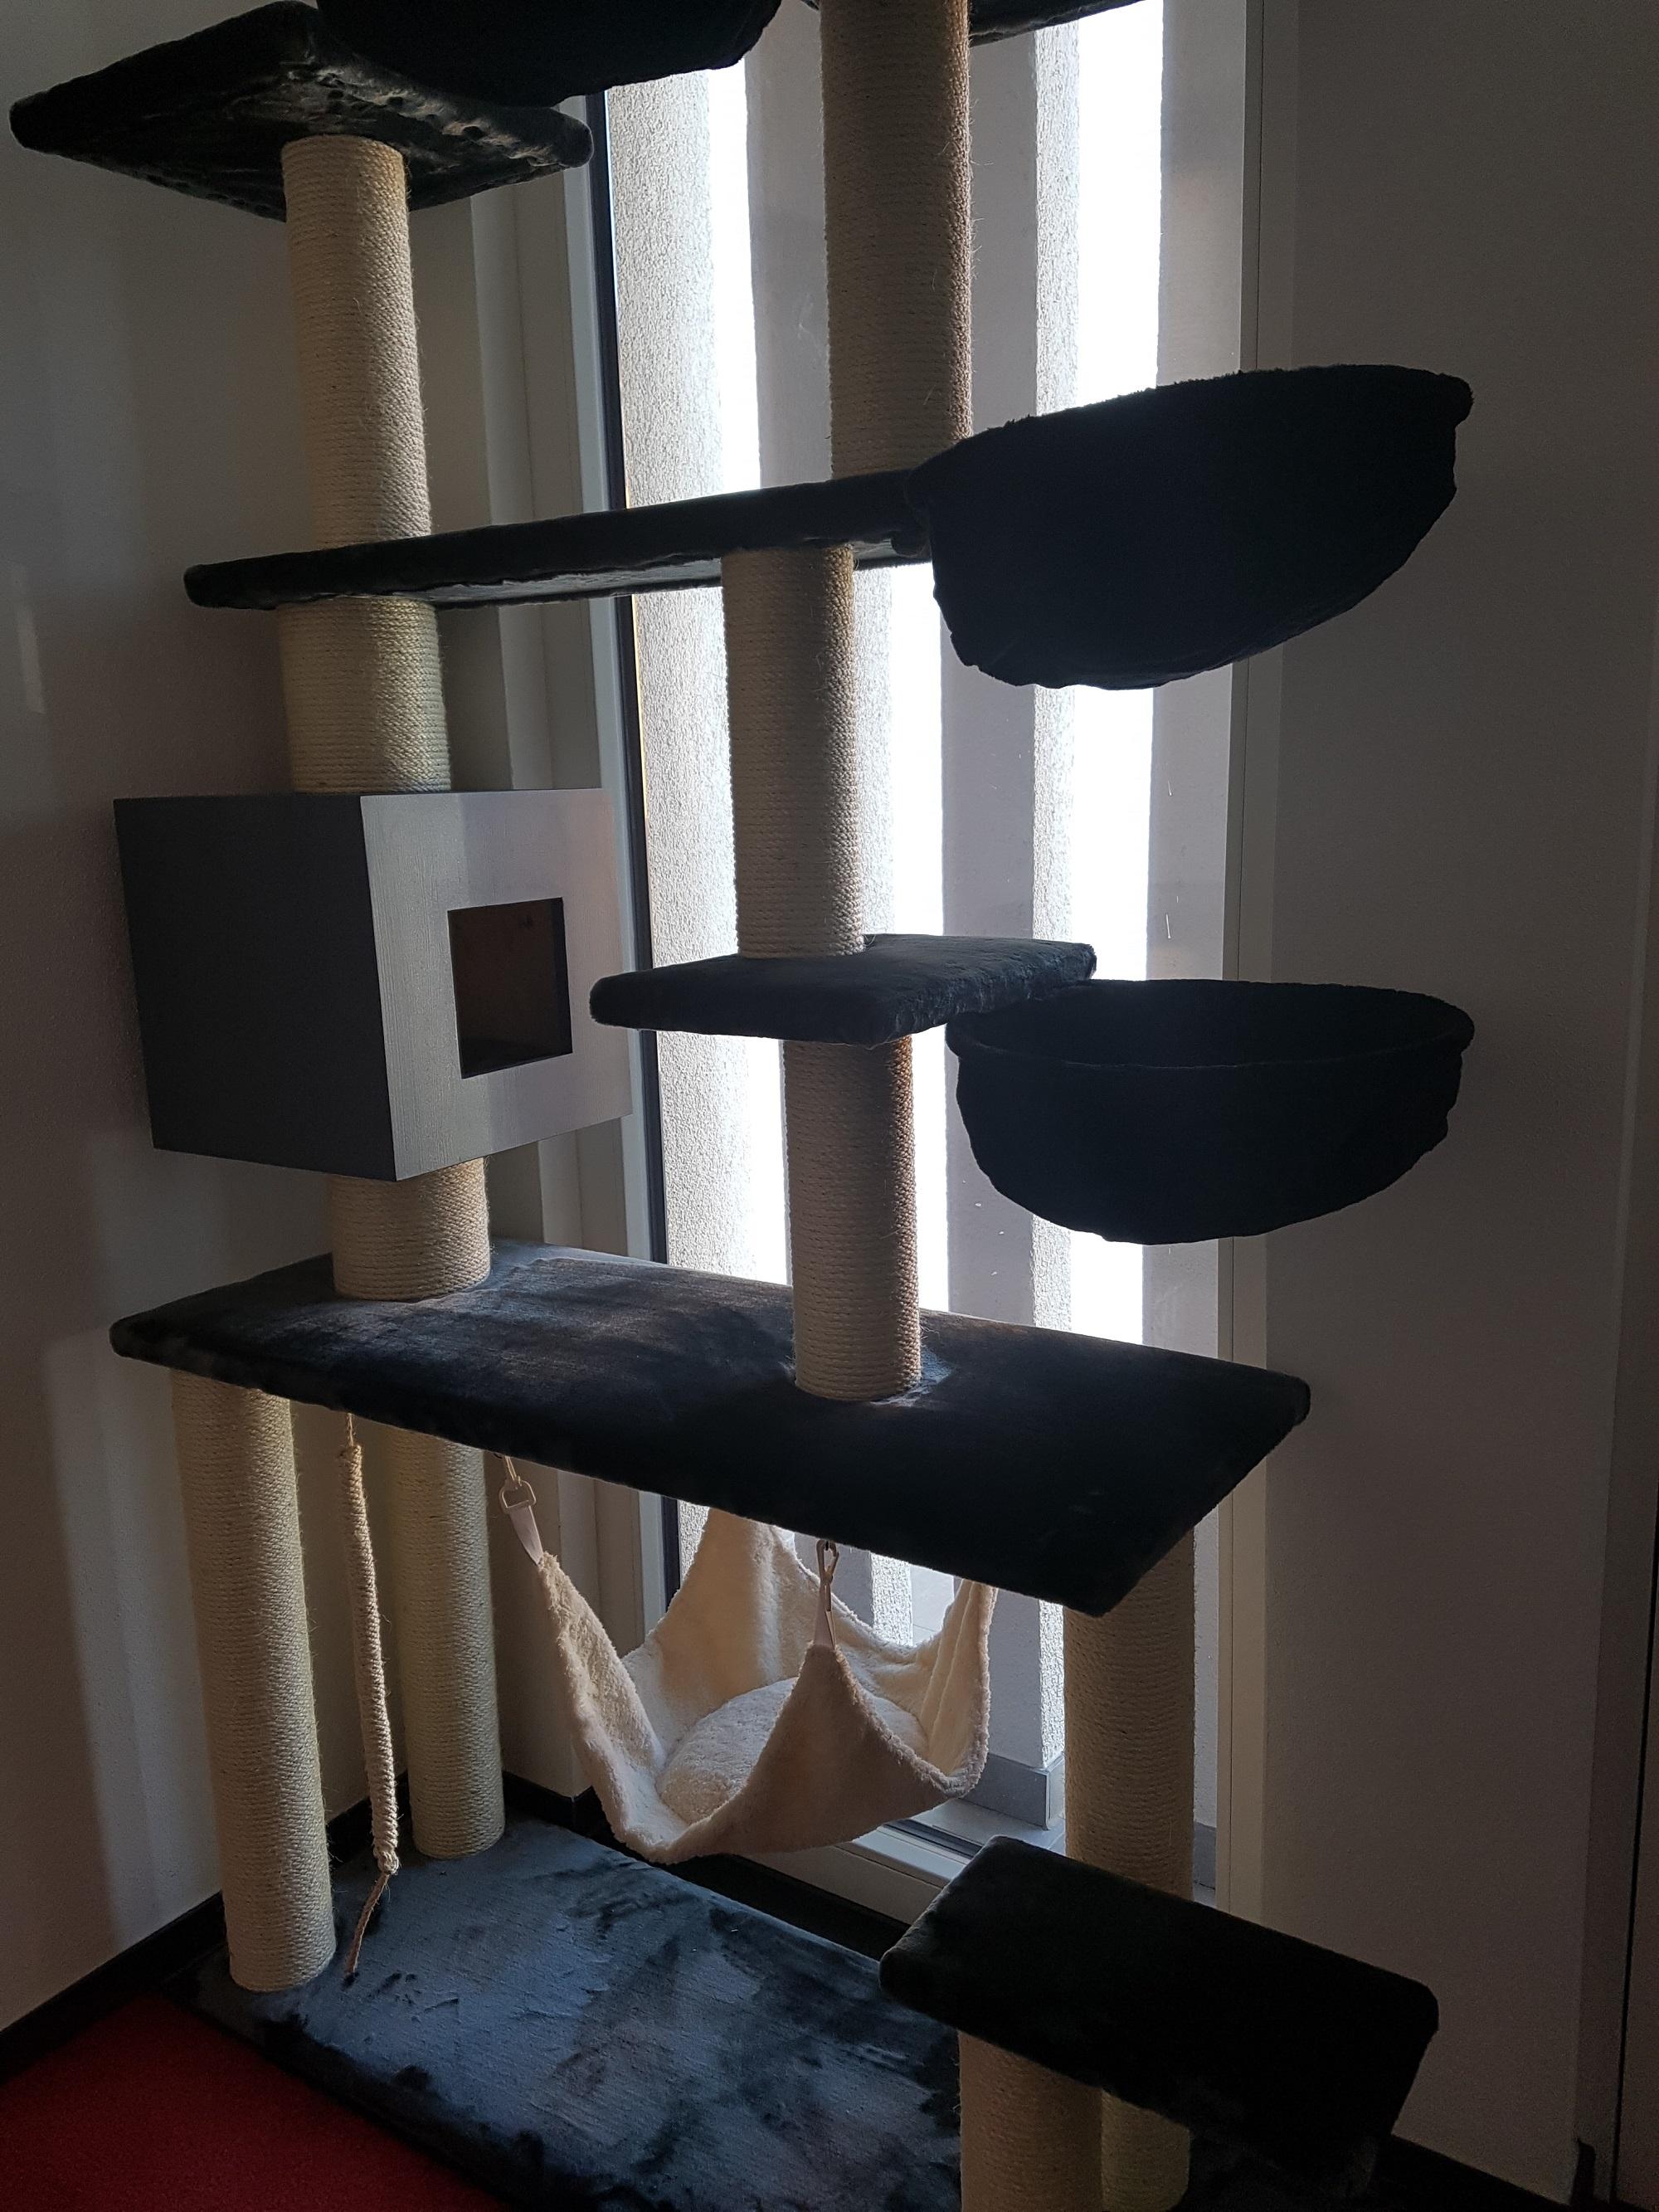 kratzbaum g nstig f r katzen stabiler kratzbaum massiv. Black Bedroom Furniture Sets. Home Design Ideas